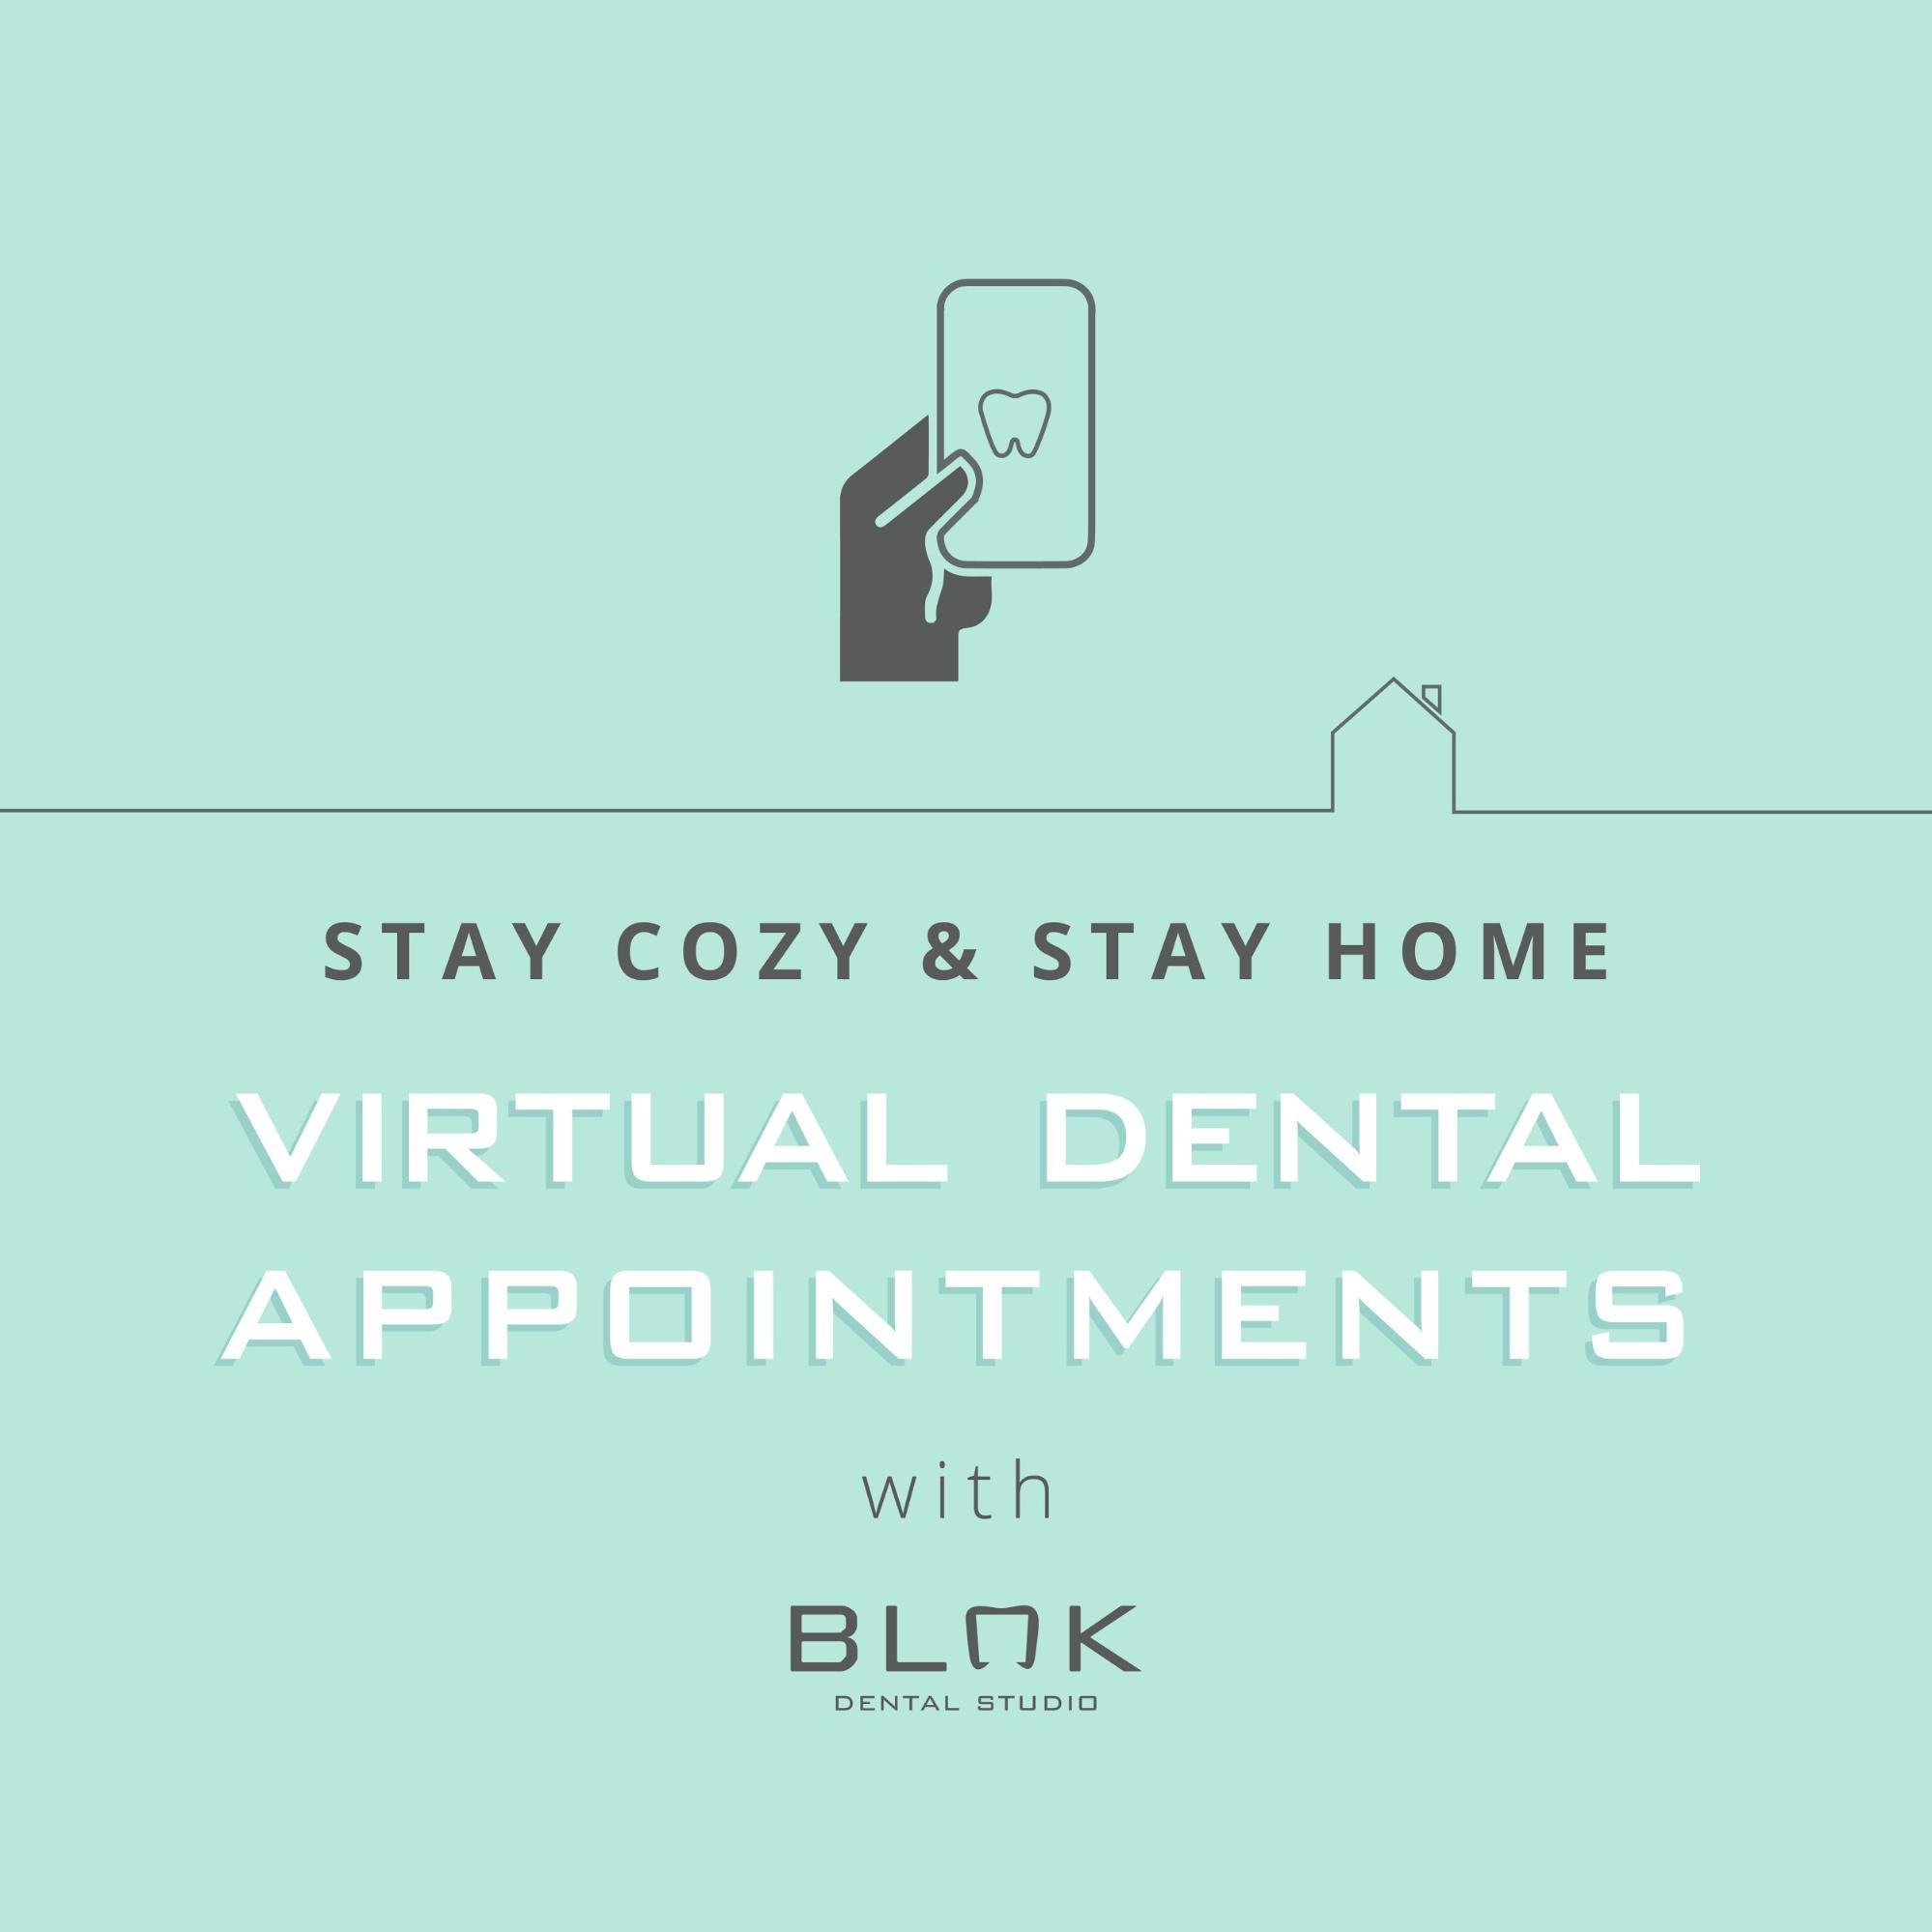 stay cozy stay home virtual dentistry